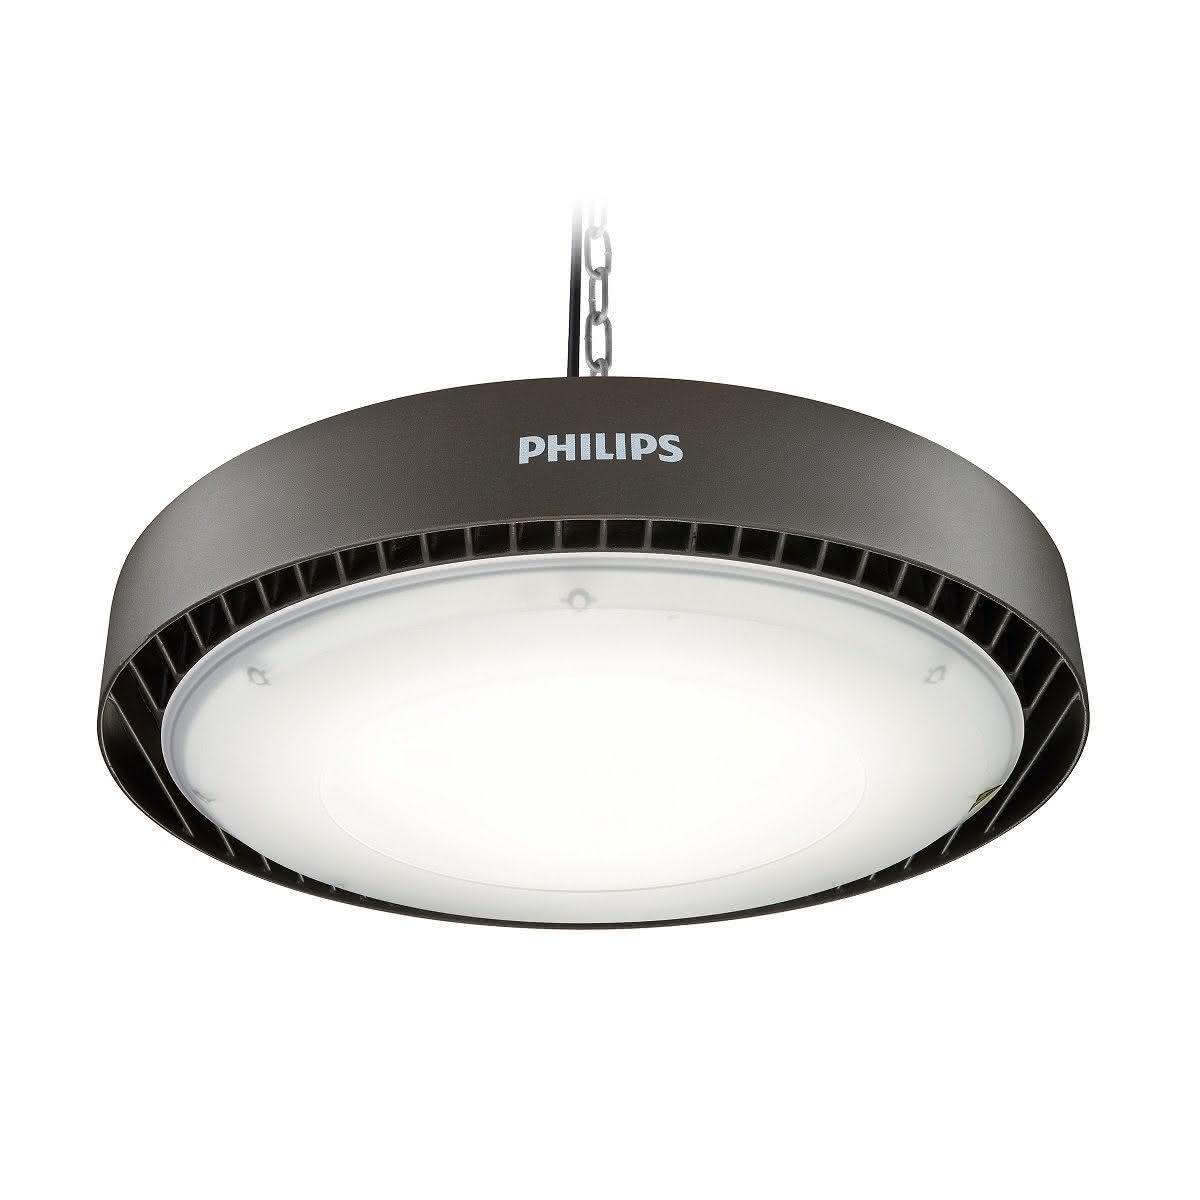 Philips Ledinaire High-bay 10000lm, 97W, 4000K, CRI80-89, extreem breedstralend  >80?, IP65, grijs, Ï 244mm, 50mm, 50mm